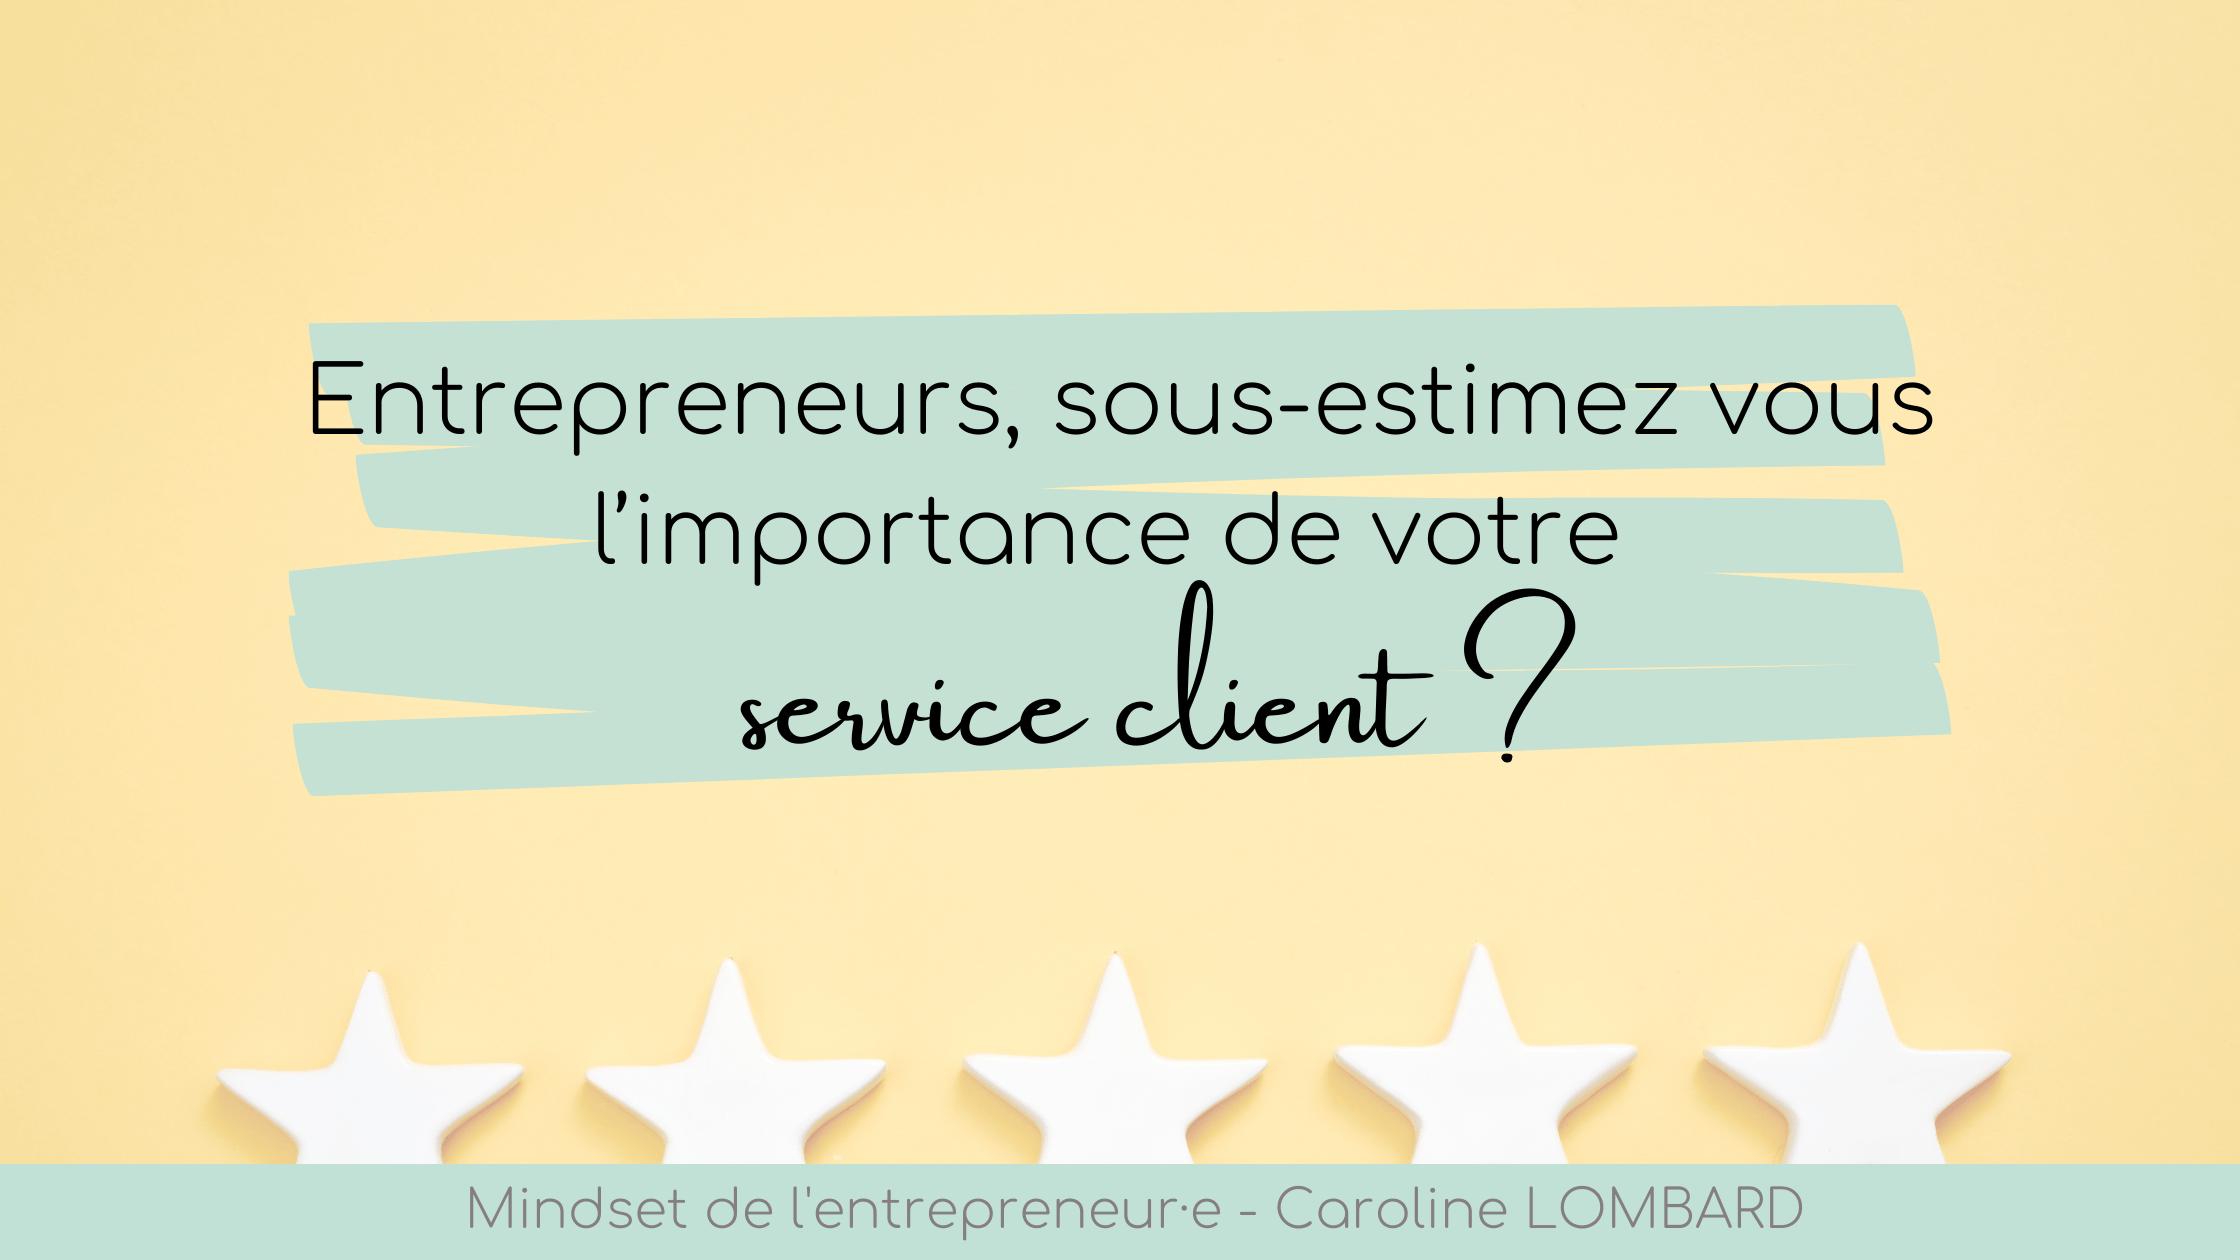 entrepreneur service client